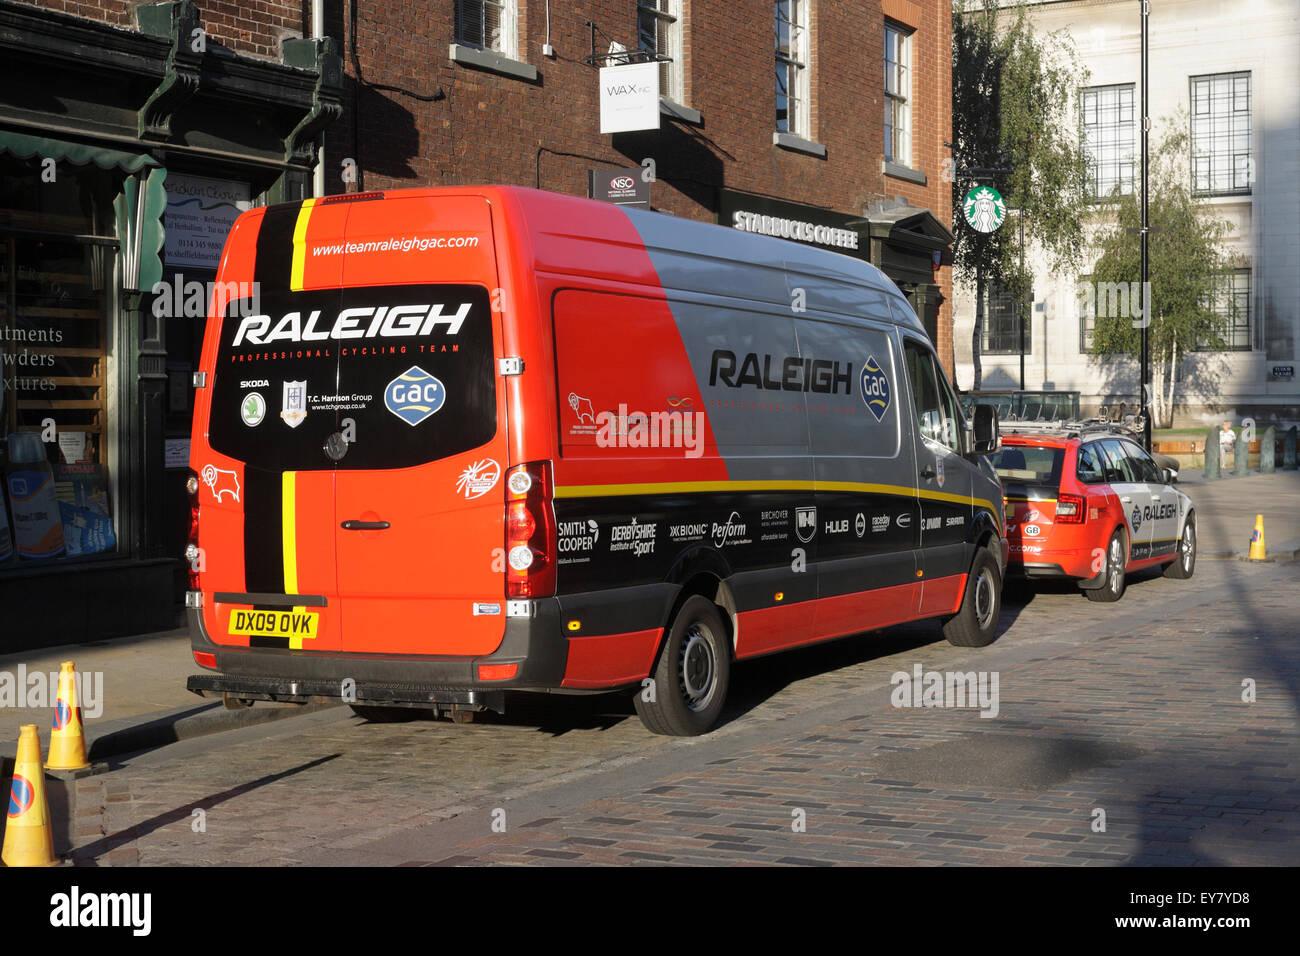 Cycling team van stock photos cycling team van stock images alamy